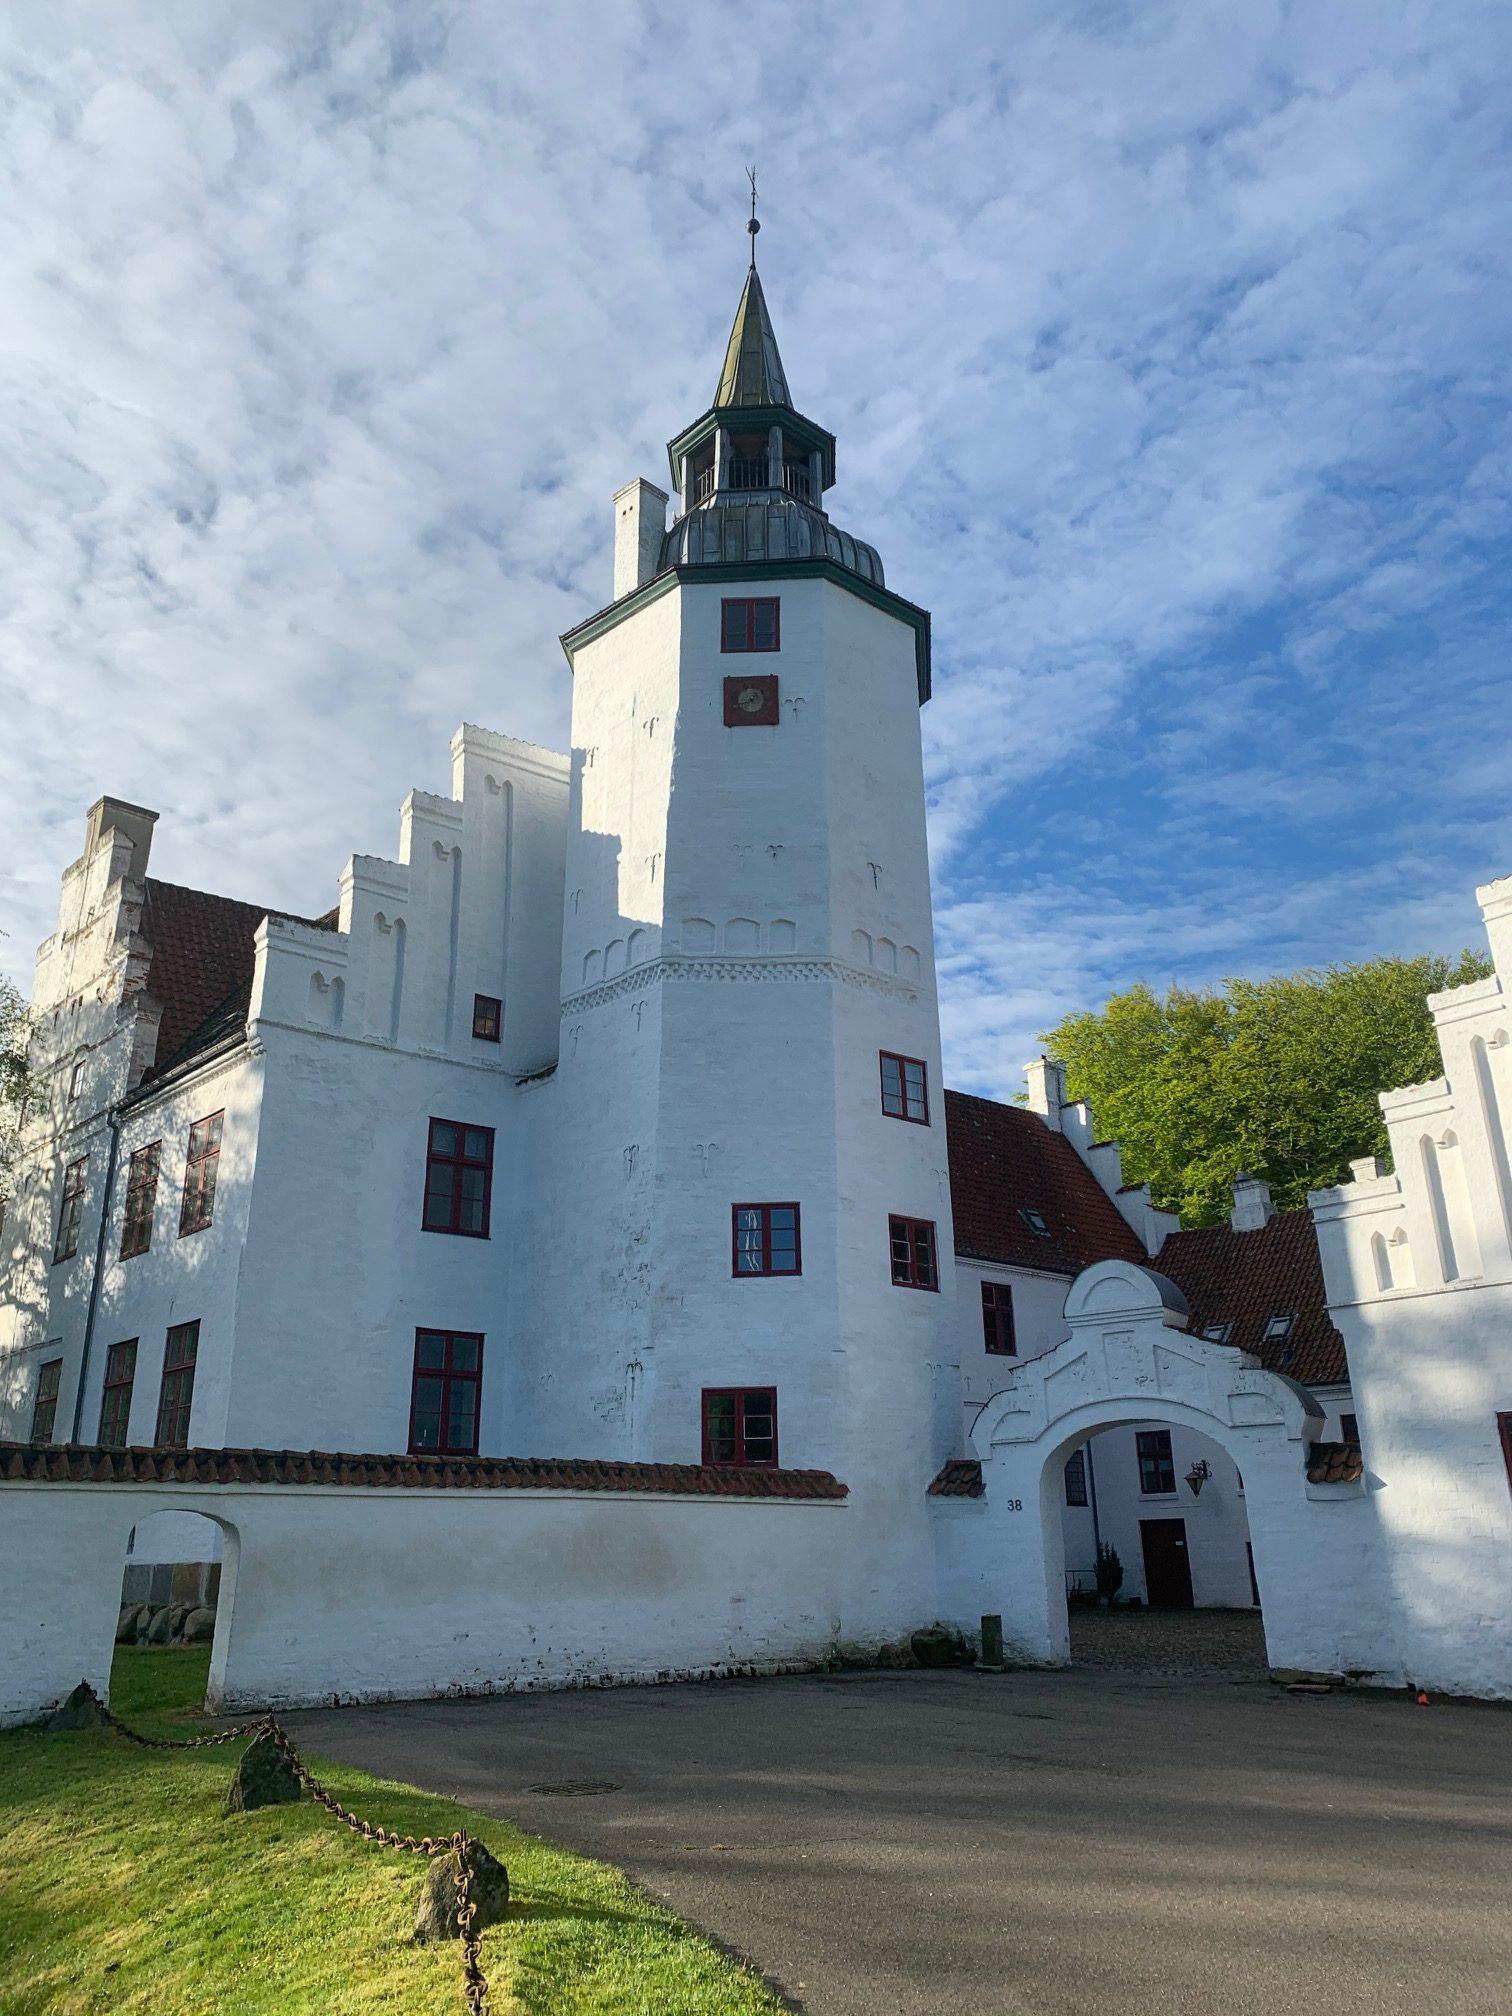 Rydhave Slots Efterskole